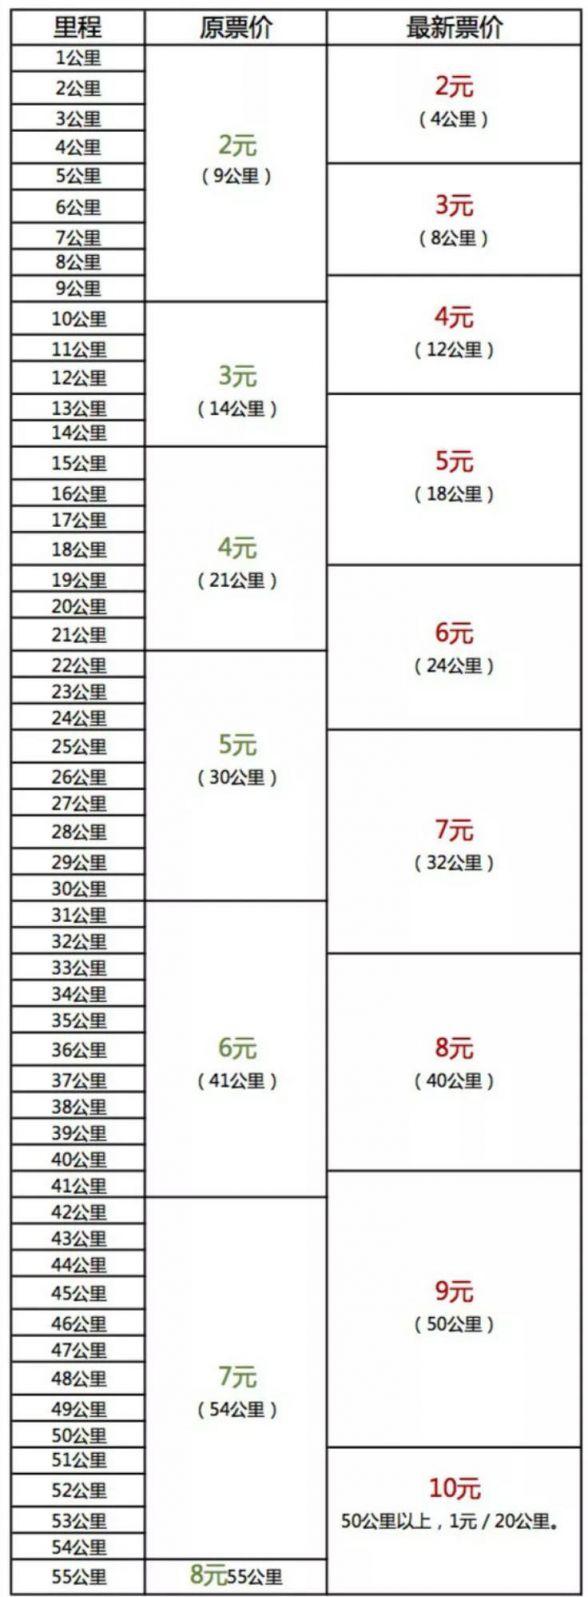 武汉地铁3号线站点_武汉地铁票价怎么计算- 武汉本地宝